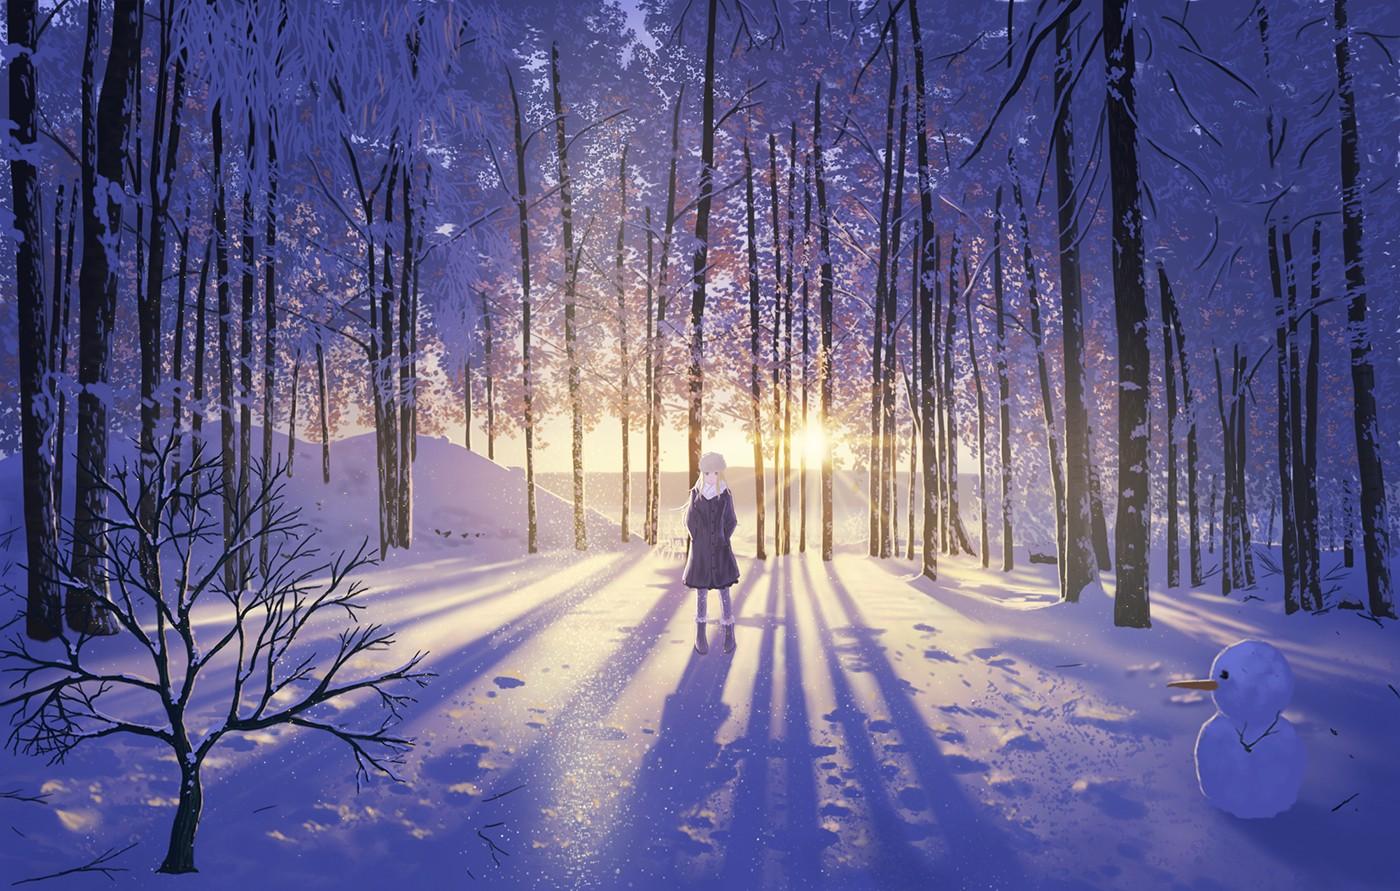 бруса арты зимы утром отличие умолчанию время